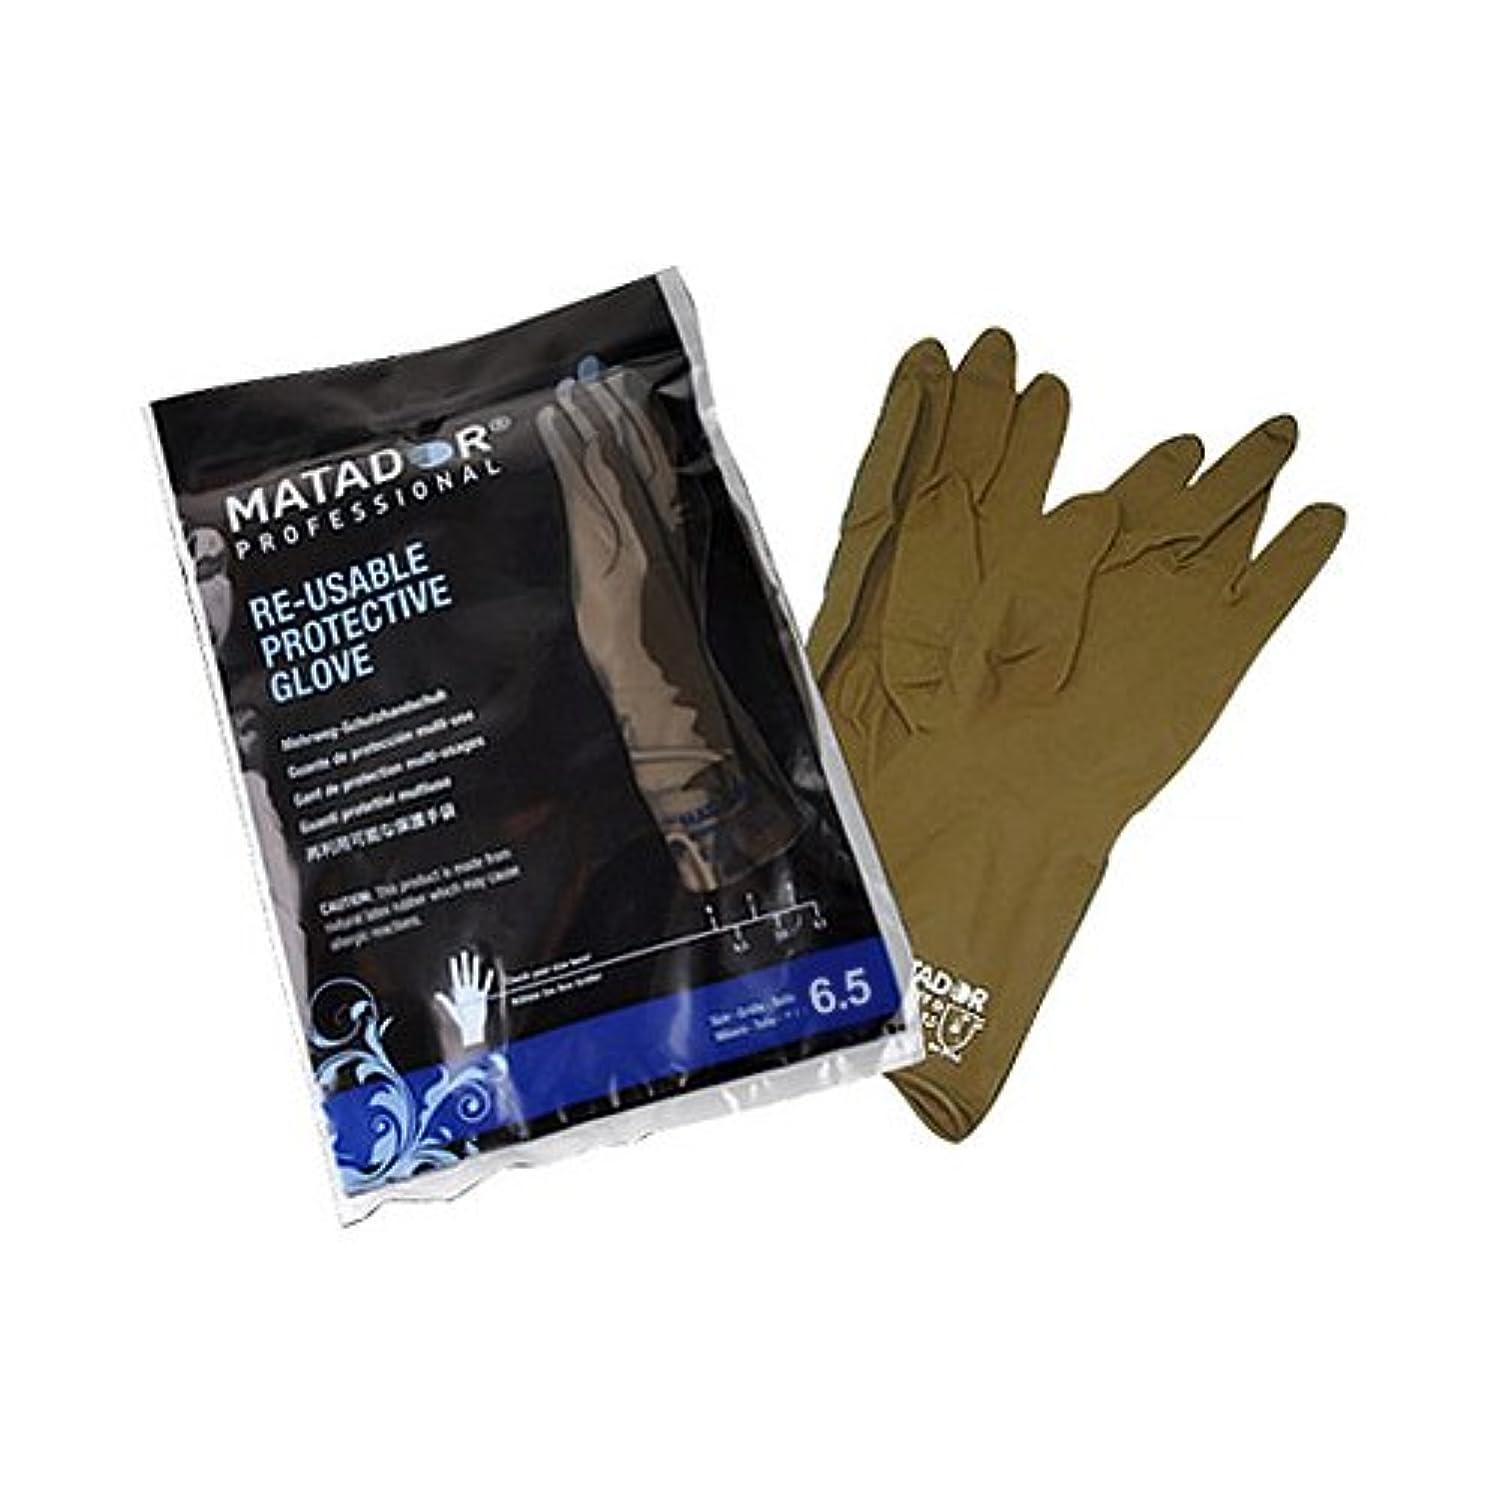 パフ世界に死んだわかるマタドールゴム手袋 6.5吋 【5個セット】